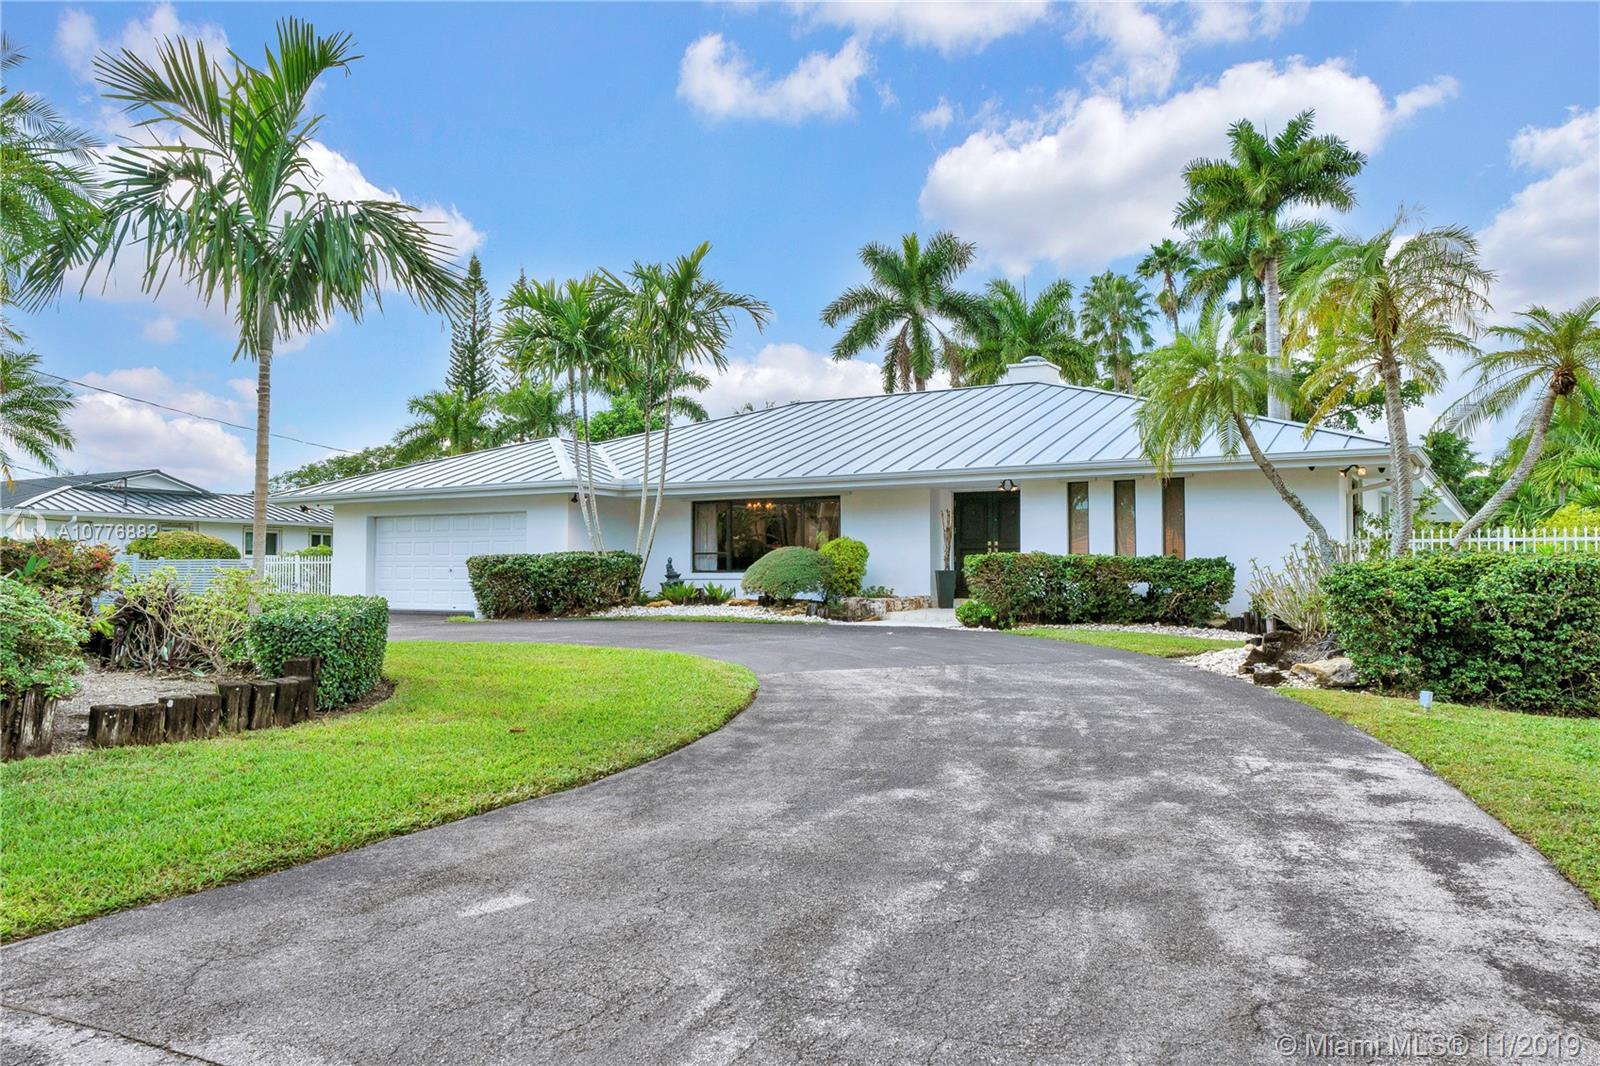 3350 SW 129th Ave, Miami, FL 33175